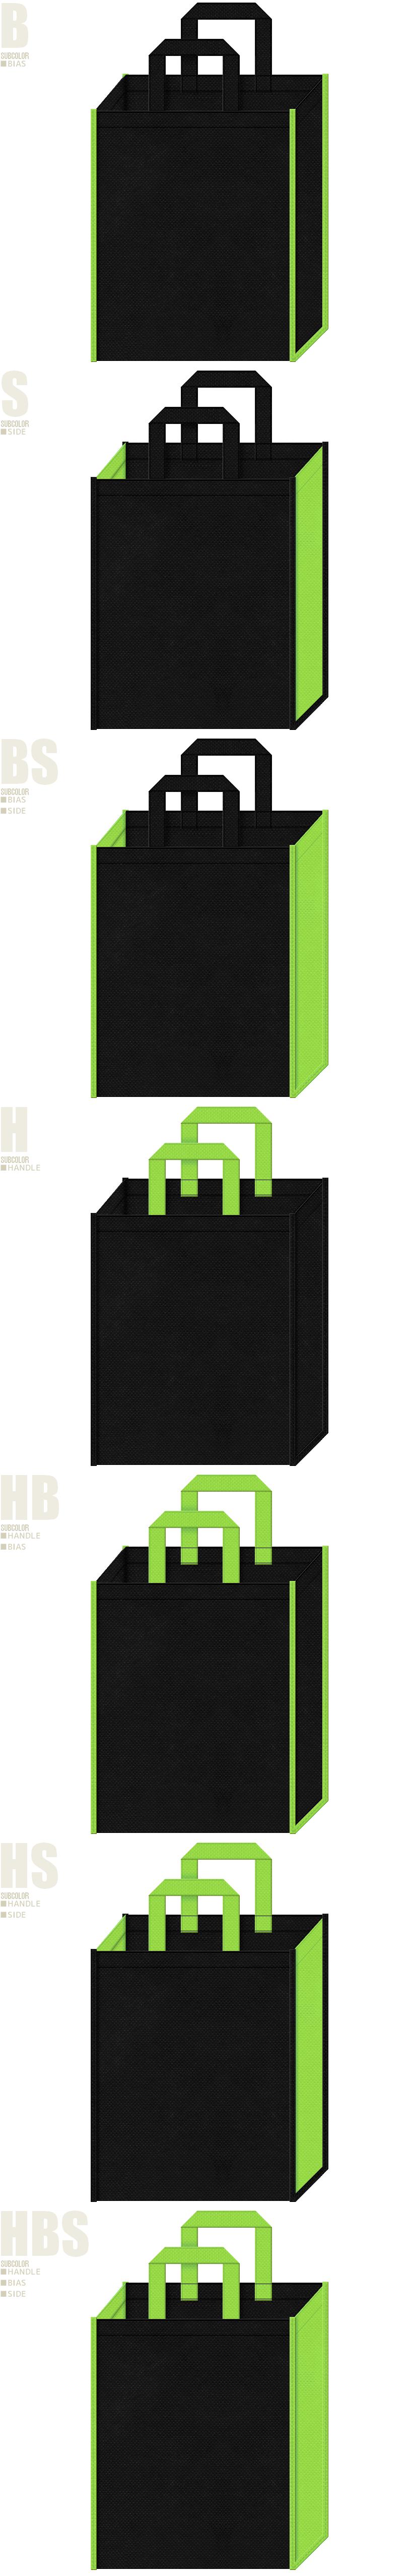 黒色と黄緑色、7パターンの不織布トートバッグ配色デザイン例。スポーティーファッションにお奨めです。